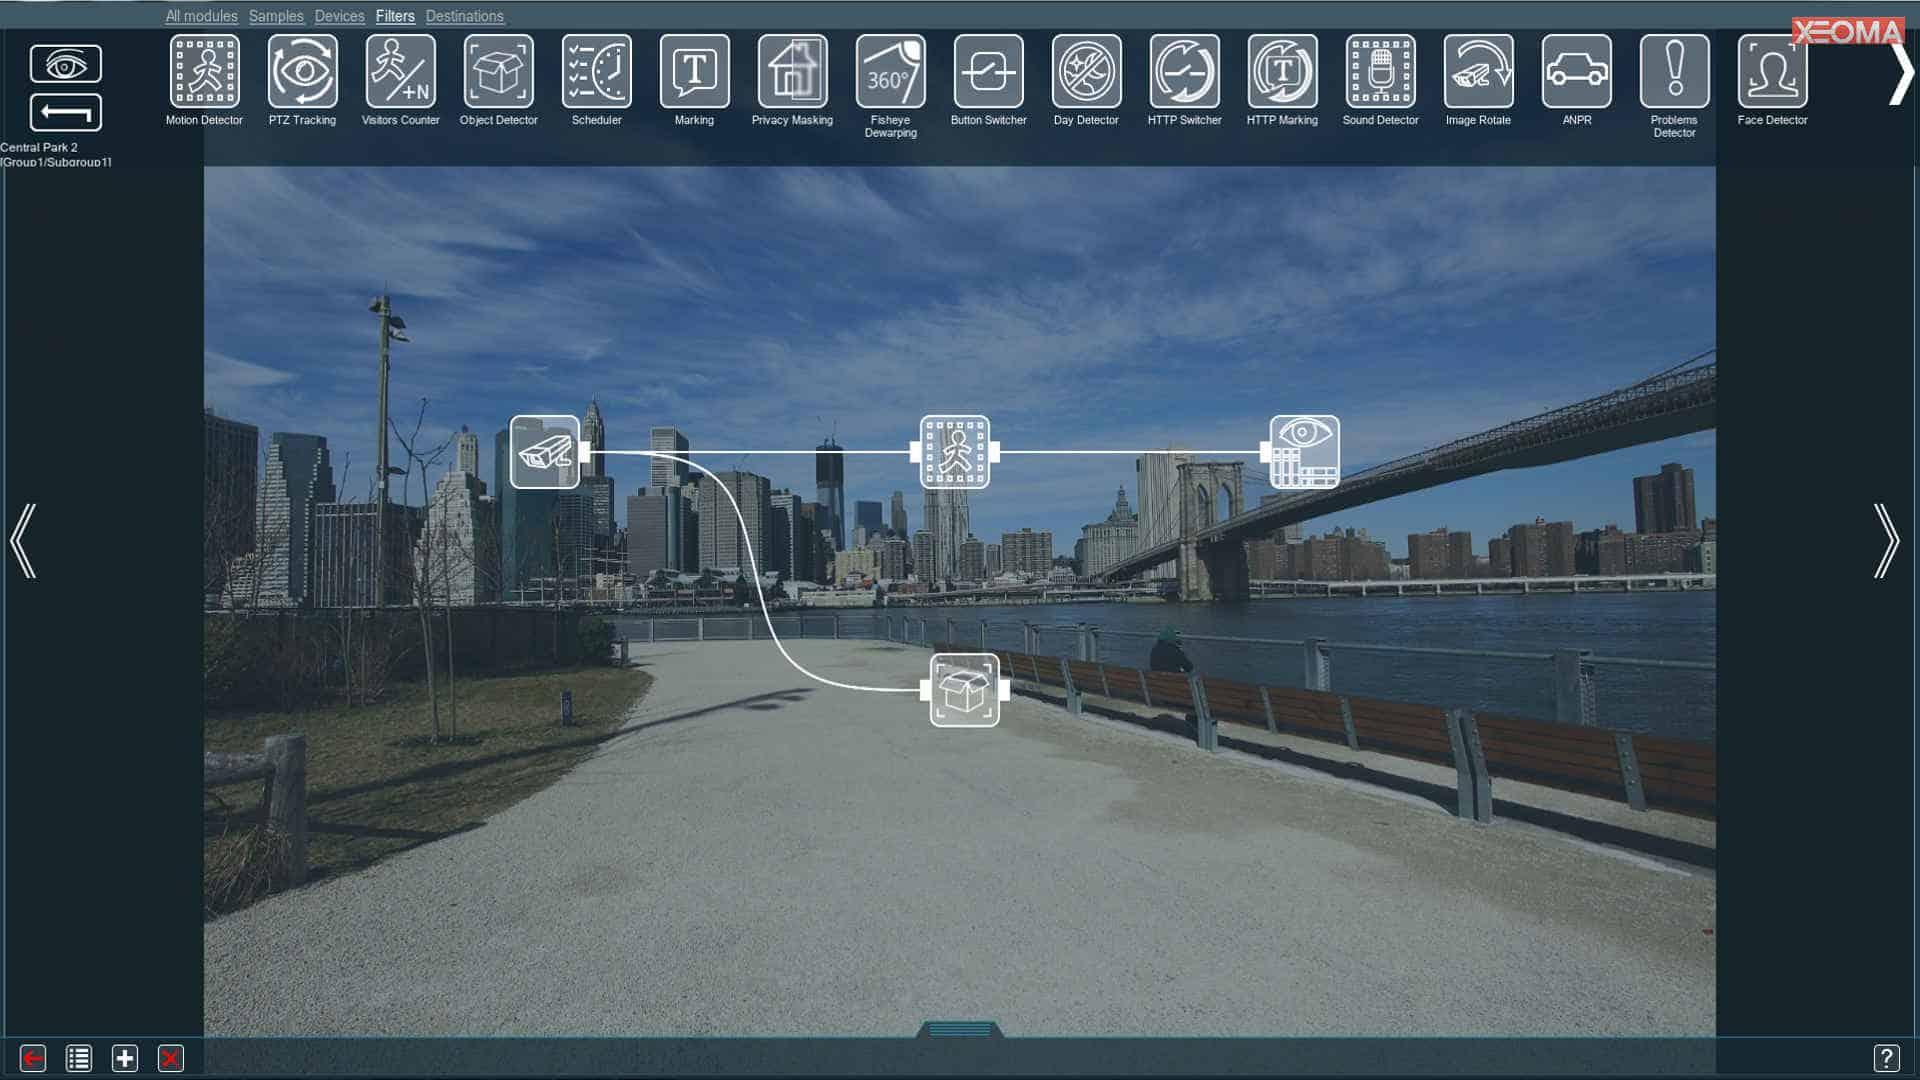 [Configuración flexible |] Representación visual de las características habilitadas: adjunte módulos entre sí de forma lógica